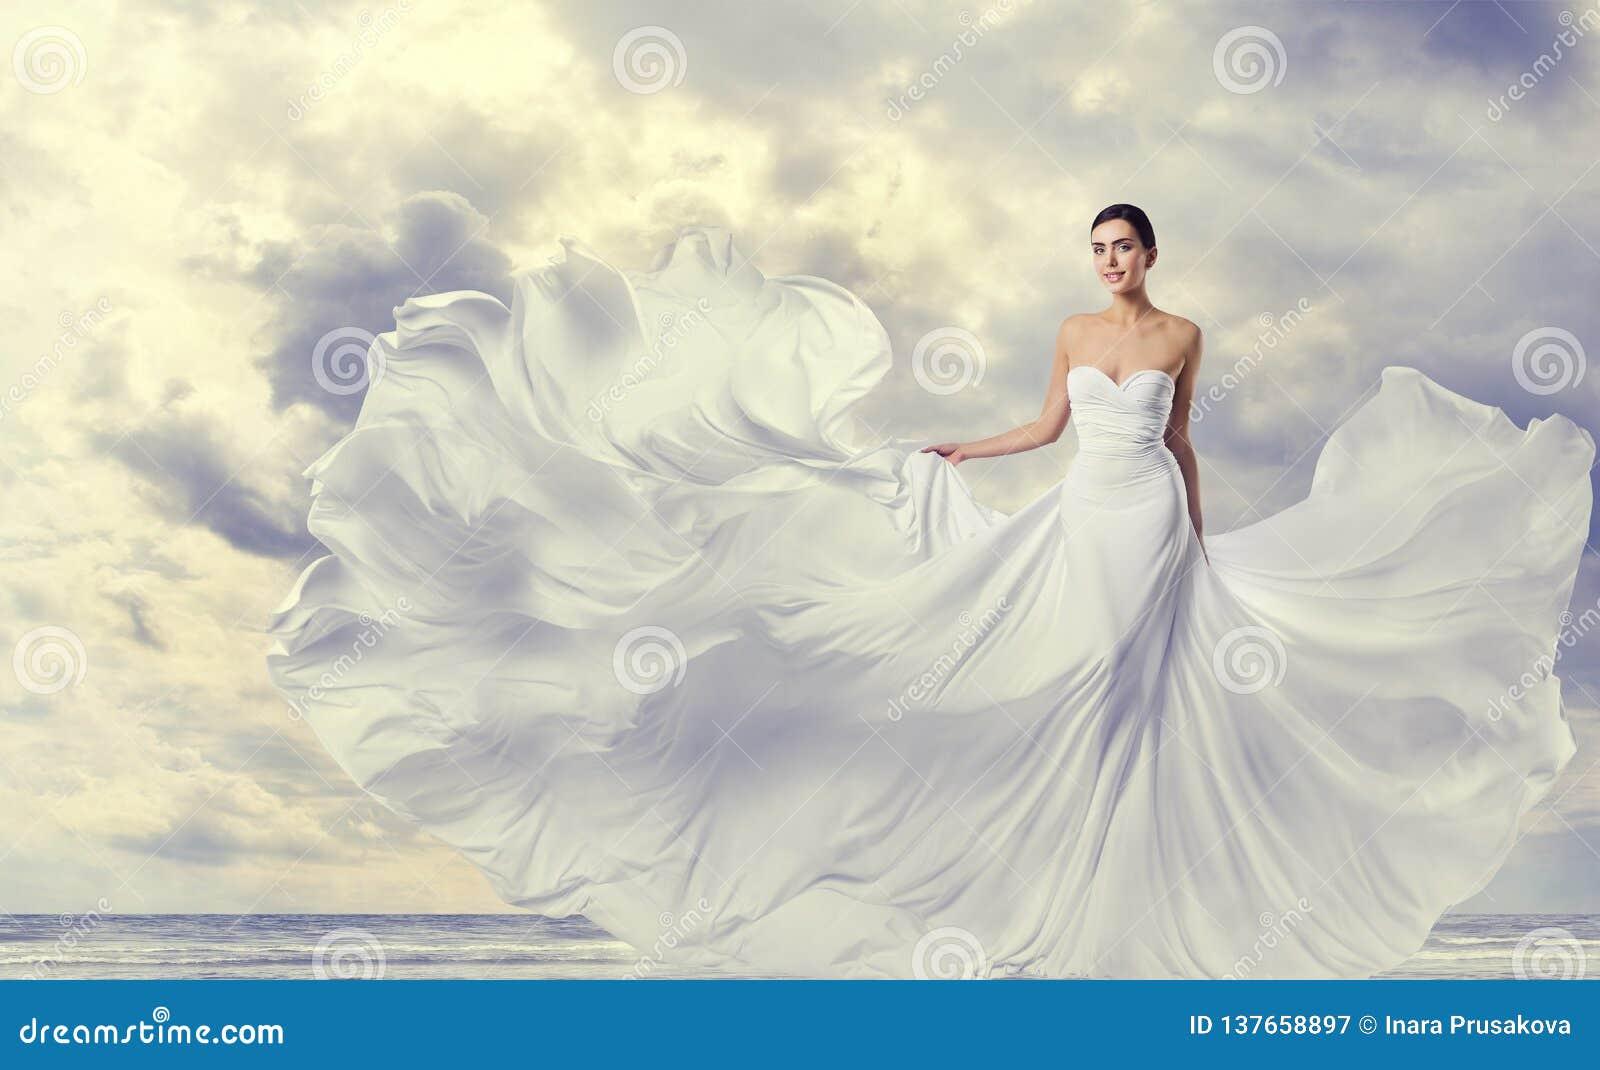 Kobieta bielu suknia, moda model w Długiej Jedwabniczej Trzepotliwej todze, Macha Latającego płótno na wiatrze